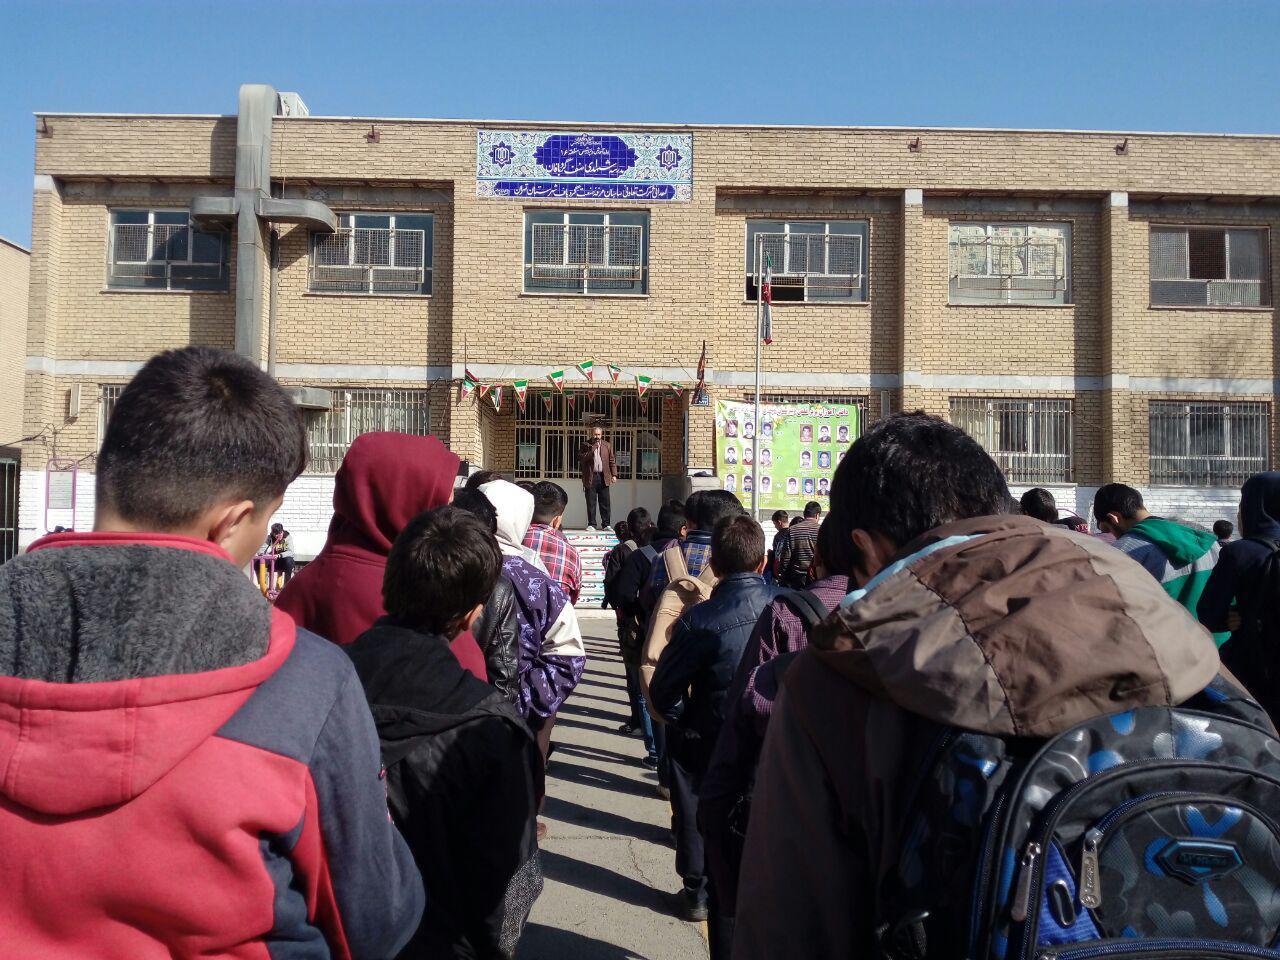 مراسم سوگواری حضرت فاطمه زهرا سلام الله علیها در دبیرستان شهدای صنف گردبافان برگزار شد.